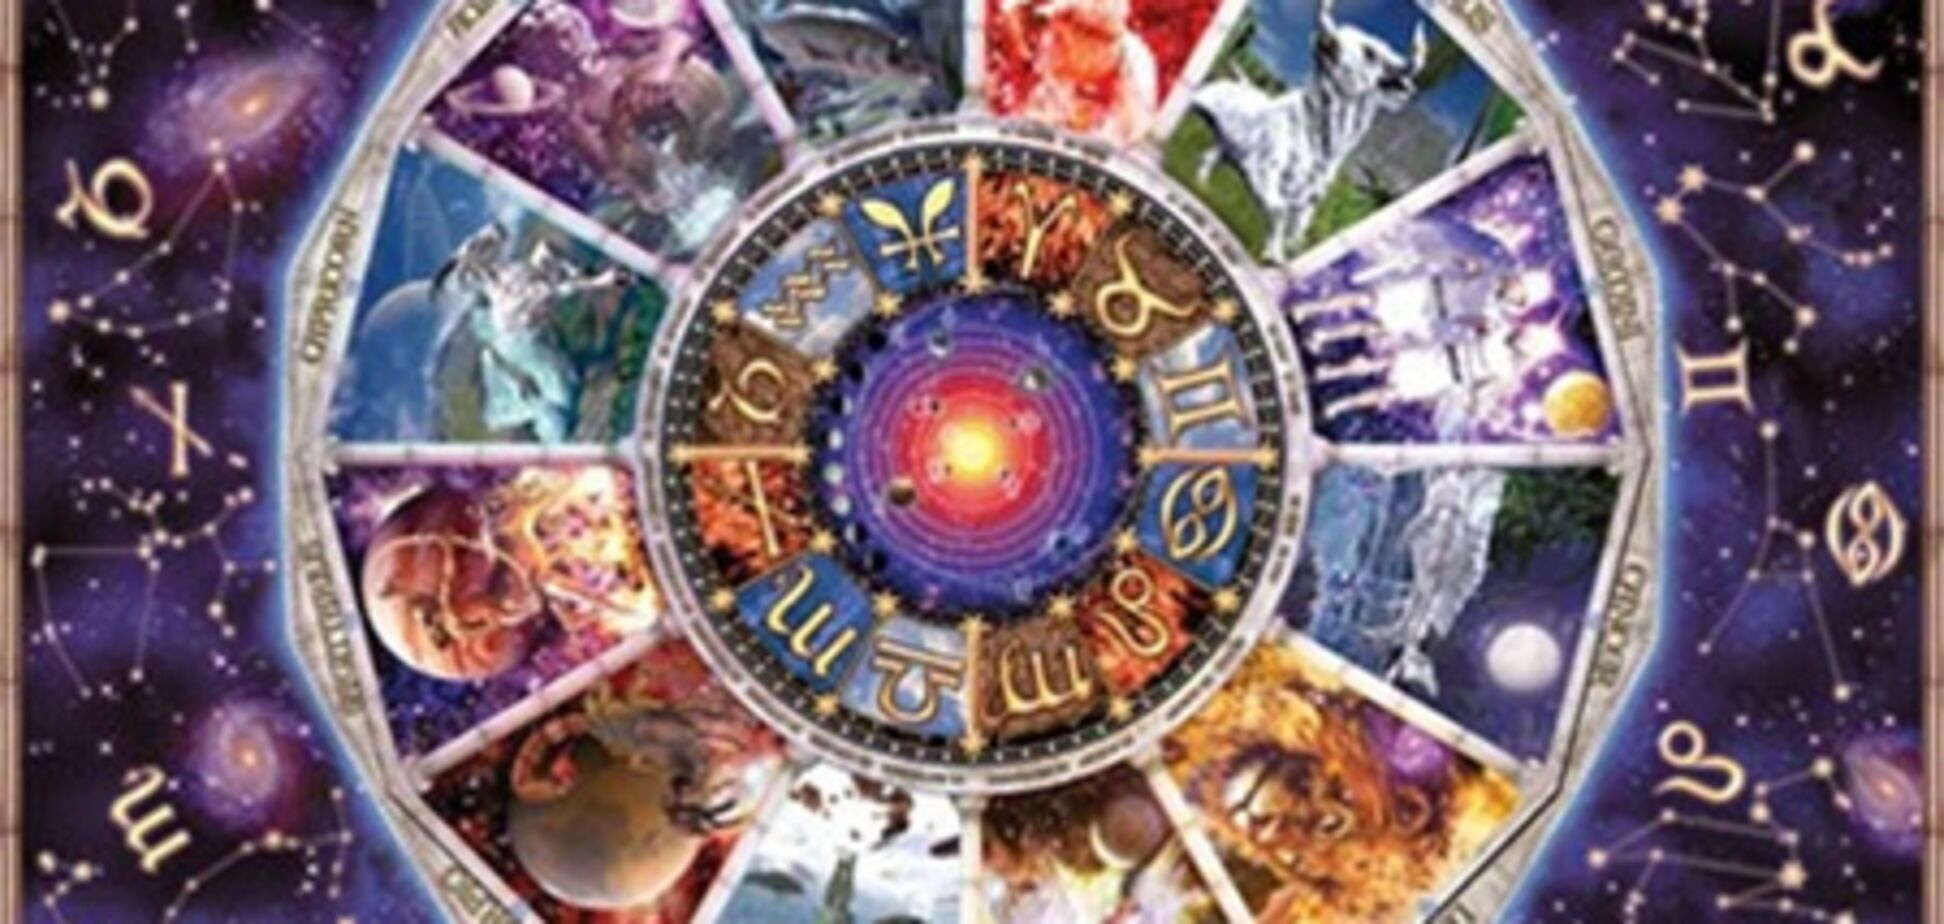 Астрологи назвали сприятливі і 'напружені' періоди 2012